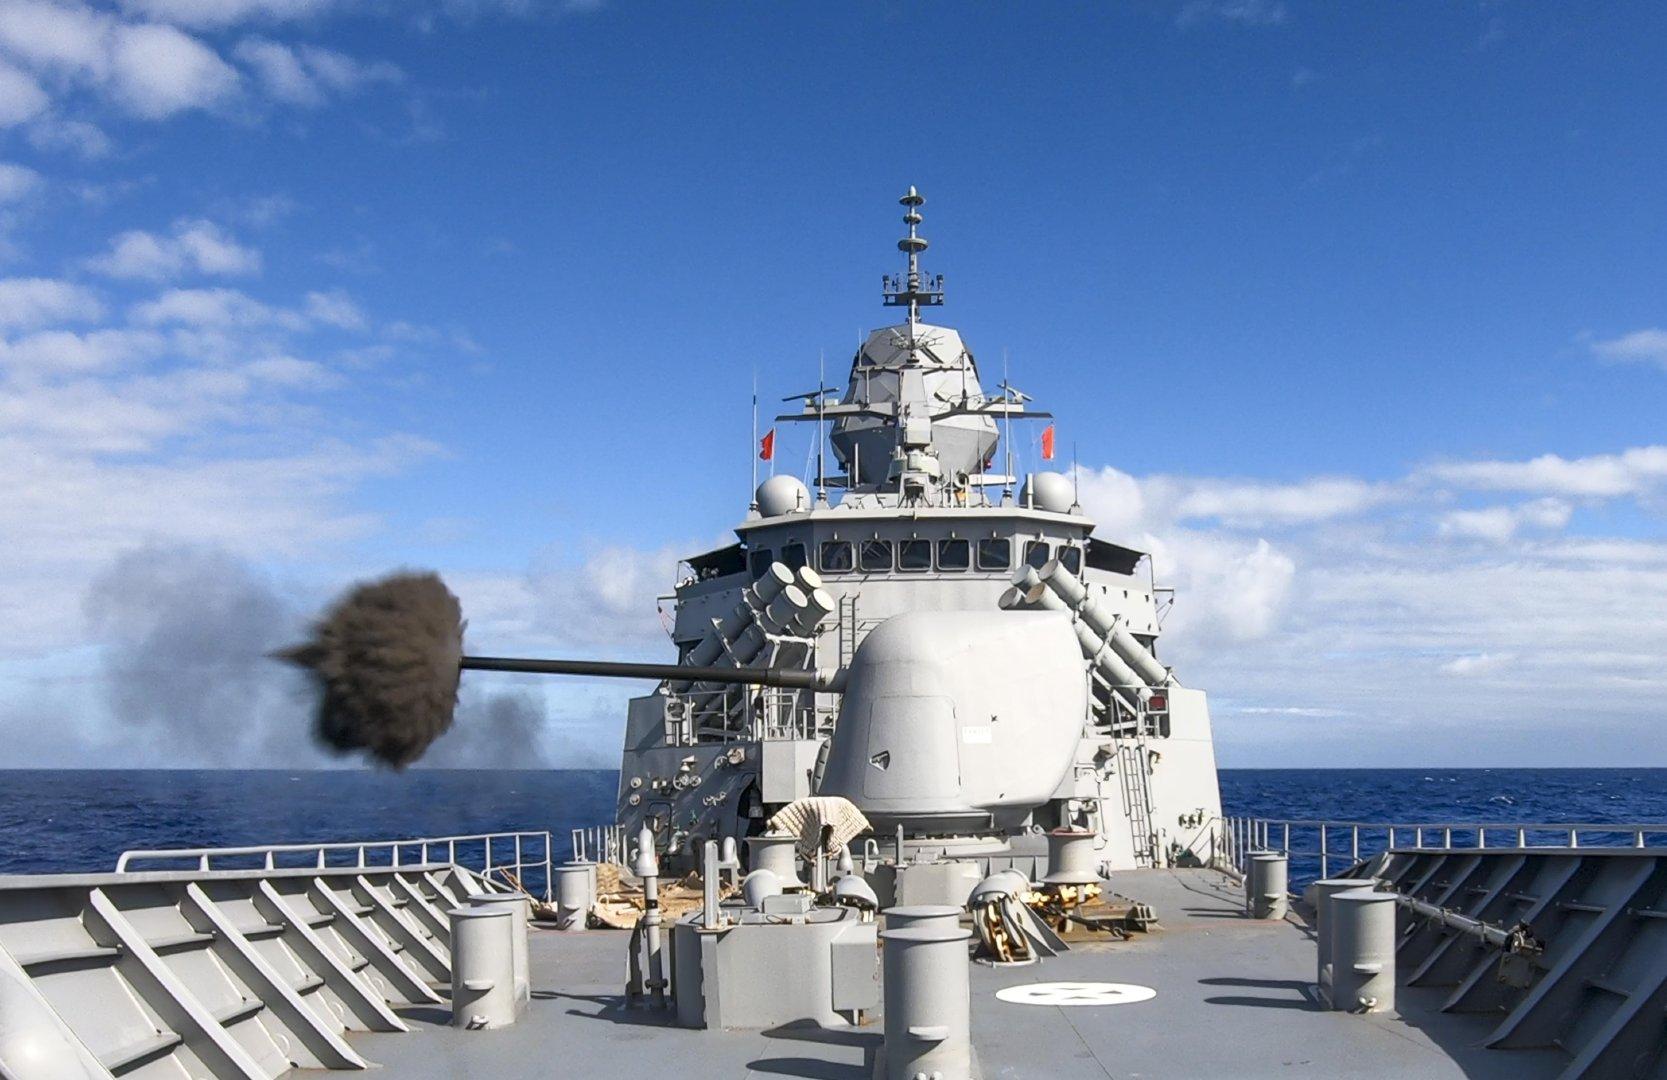 澳大利亚海军参加环太平洋2020军事演习